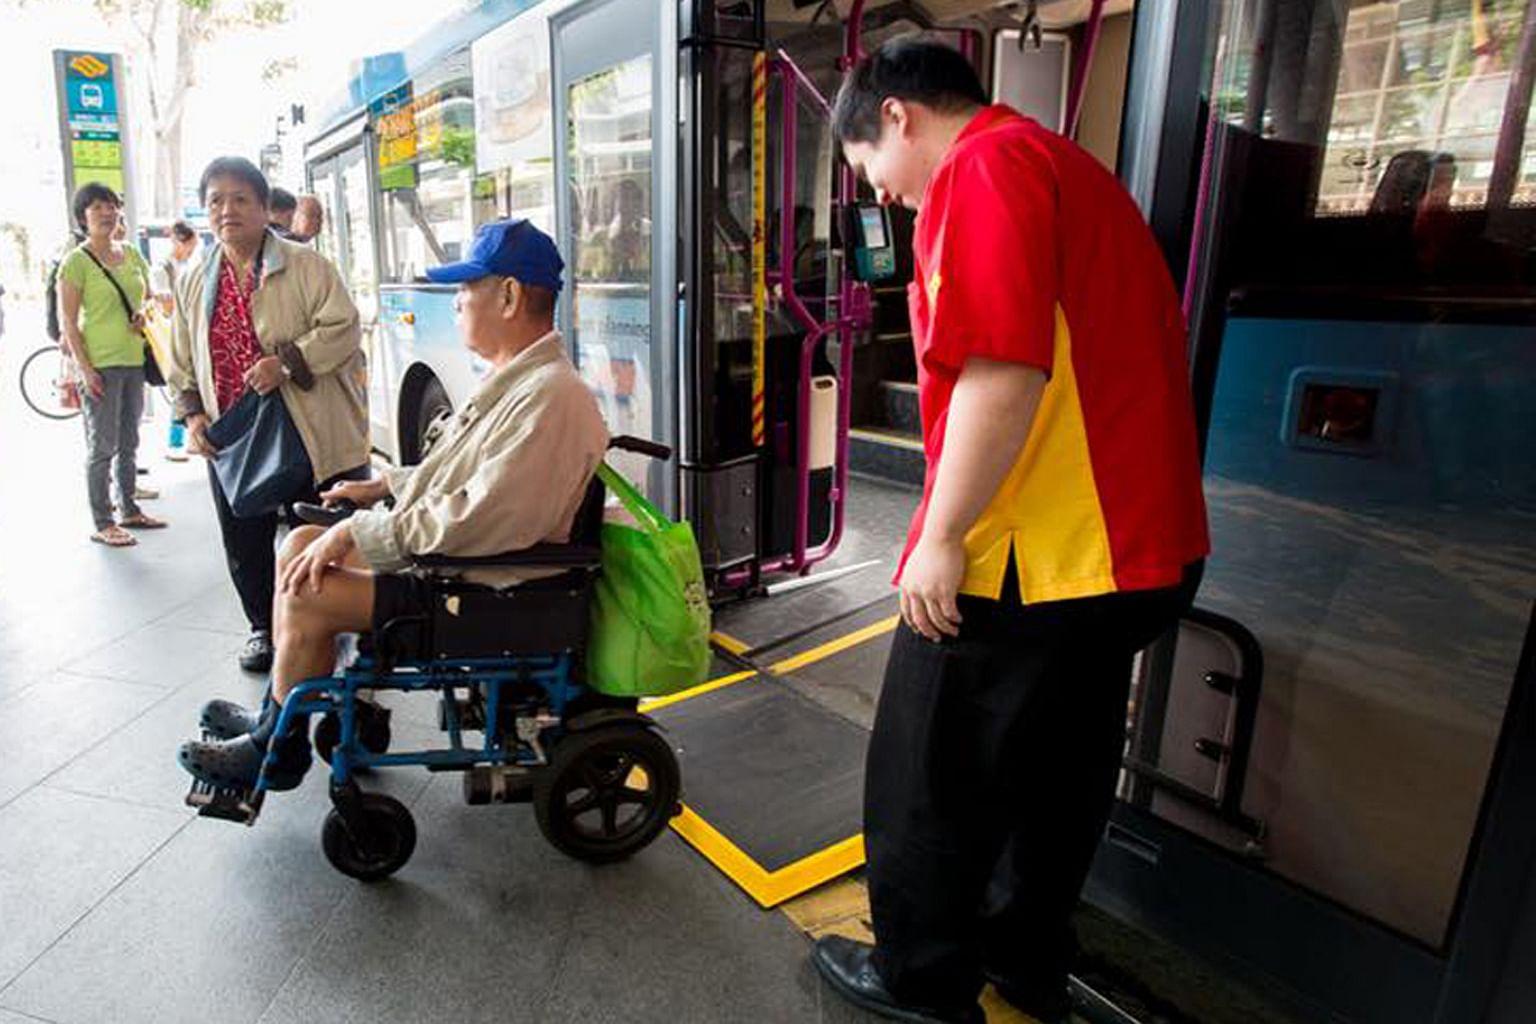 Faishal: Penjualan alat mobiliti peribadi yang tidak ikut spesifikasi ditinjau